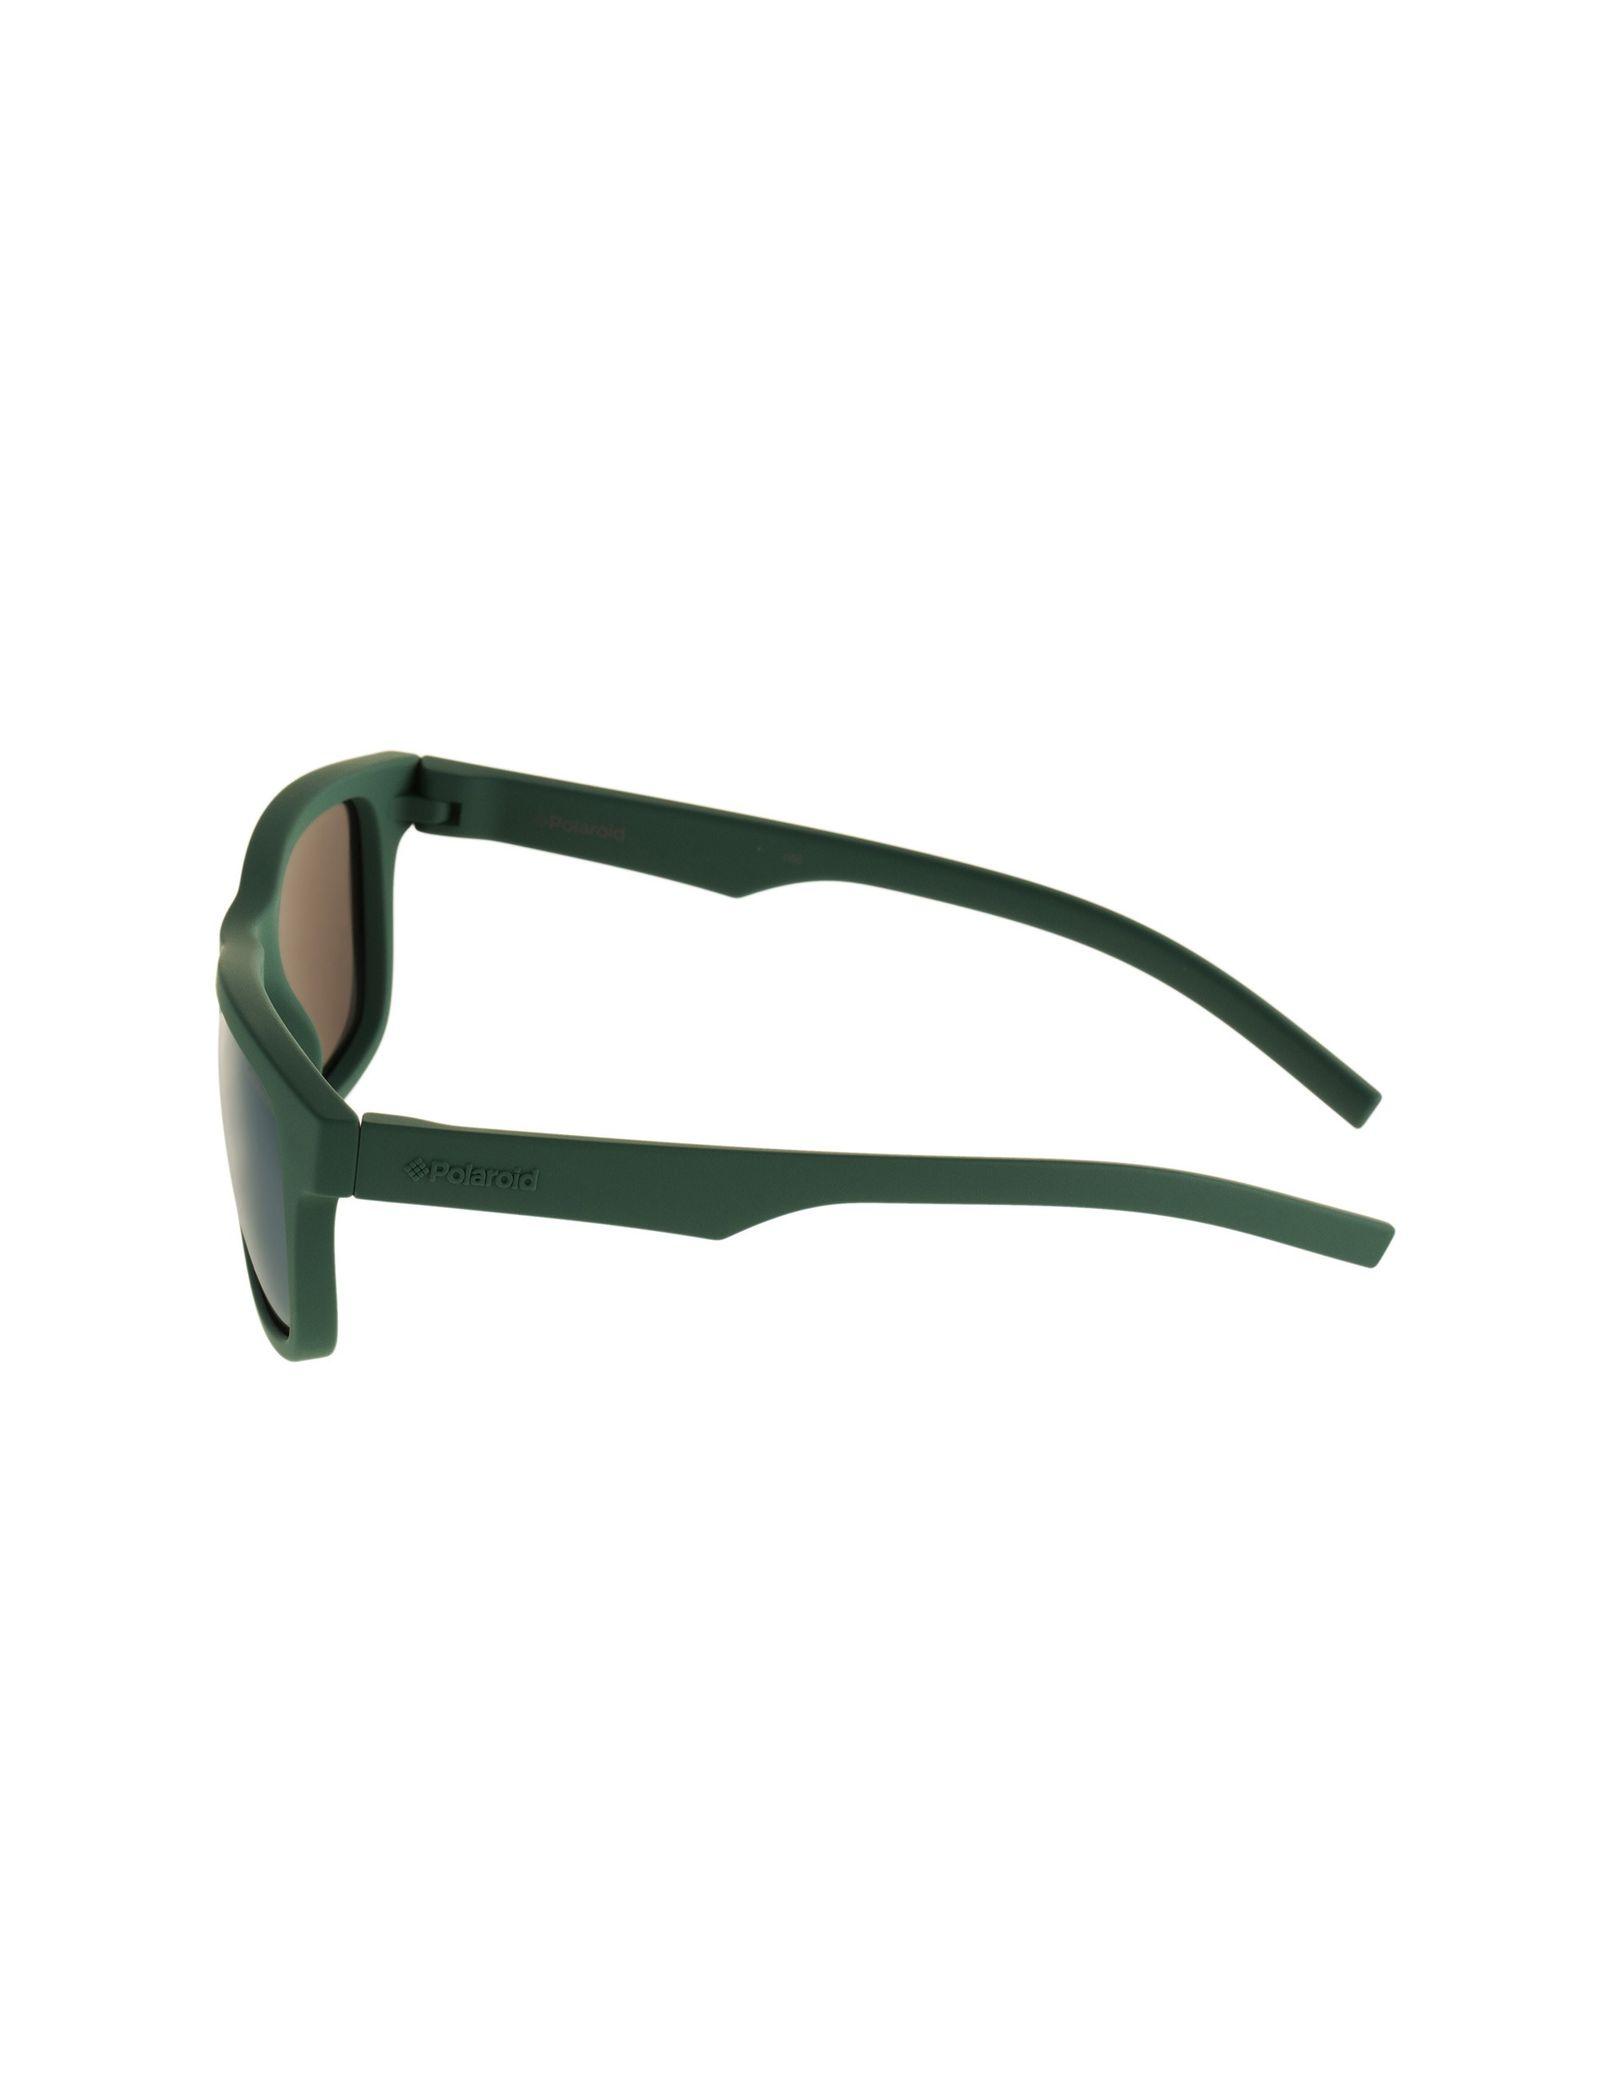 عینک آفتابی ویفرر بچگانه - پولاروید - سبز آبي - 3